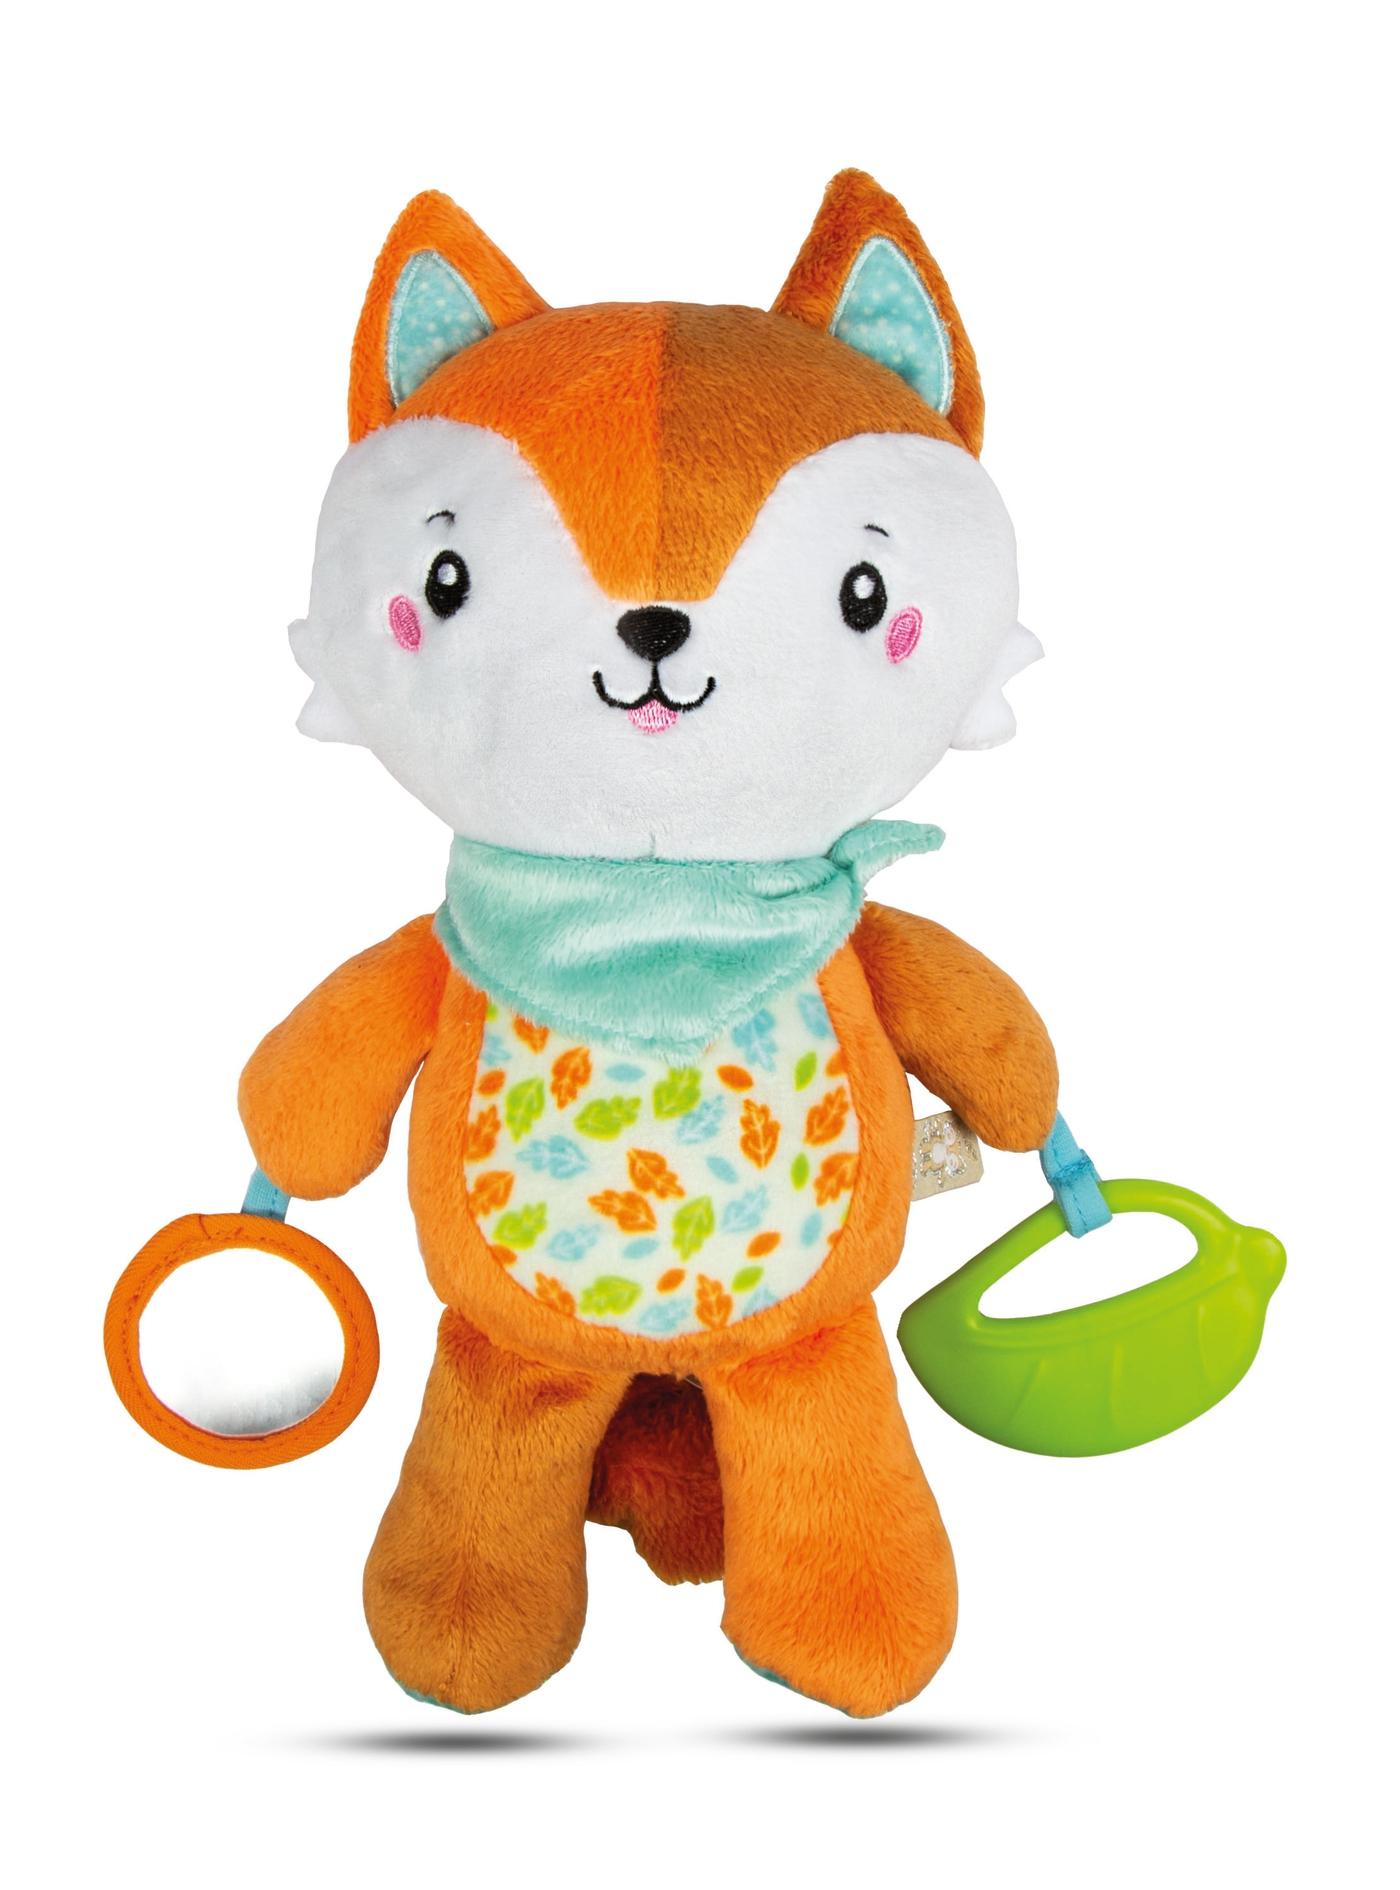 Clementoni - 17271 - happy fox baby clementoni -